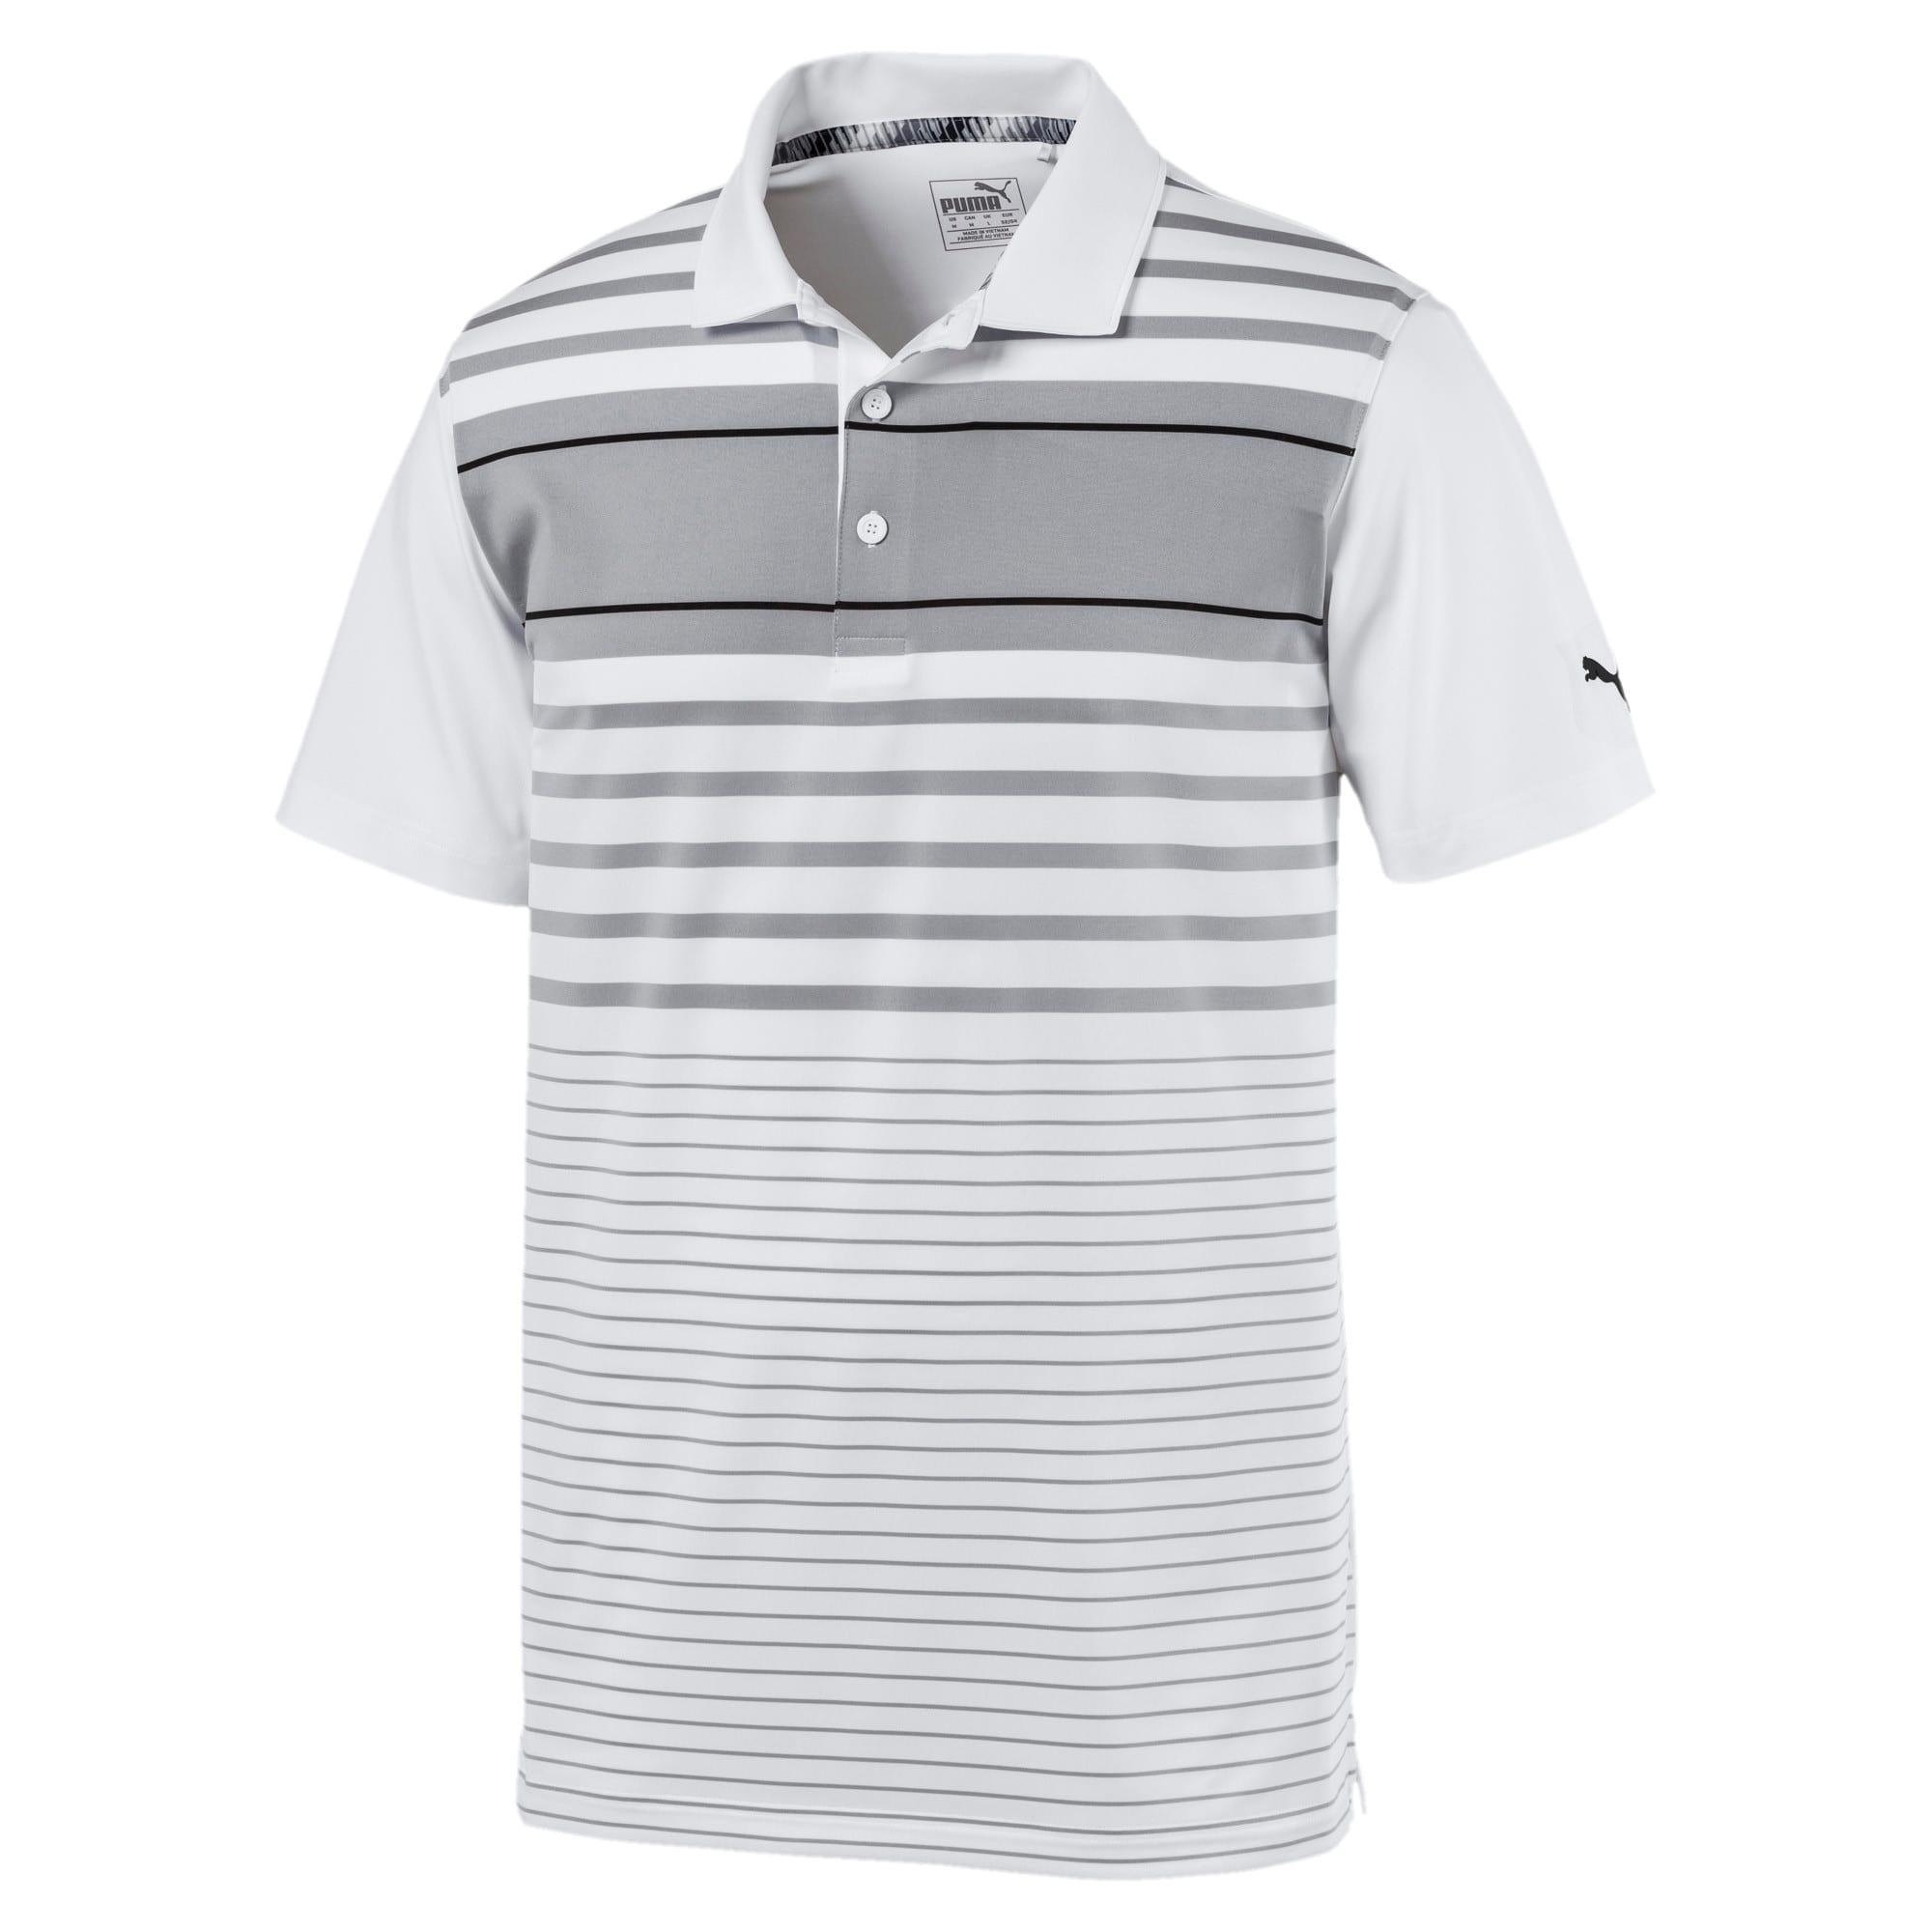 Miniatura 1 de Camiseta tipo polo Spotlight para hombre, quarry-puma black, mediano